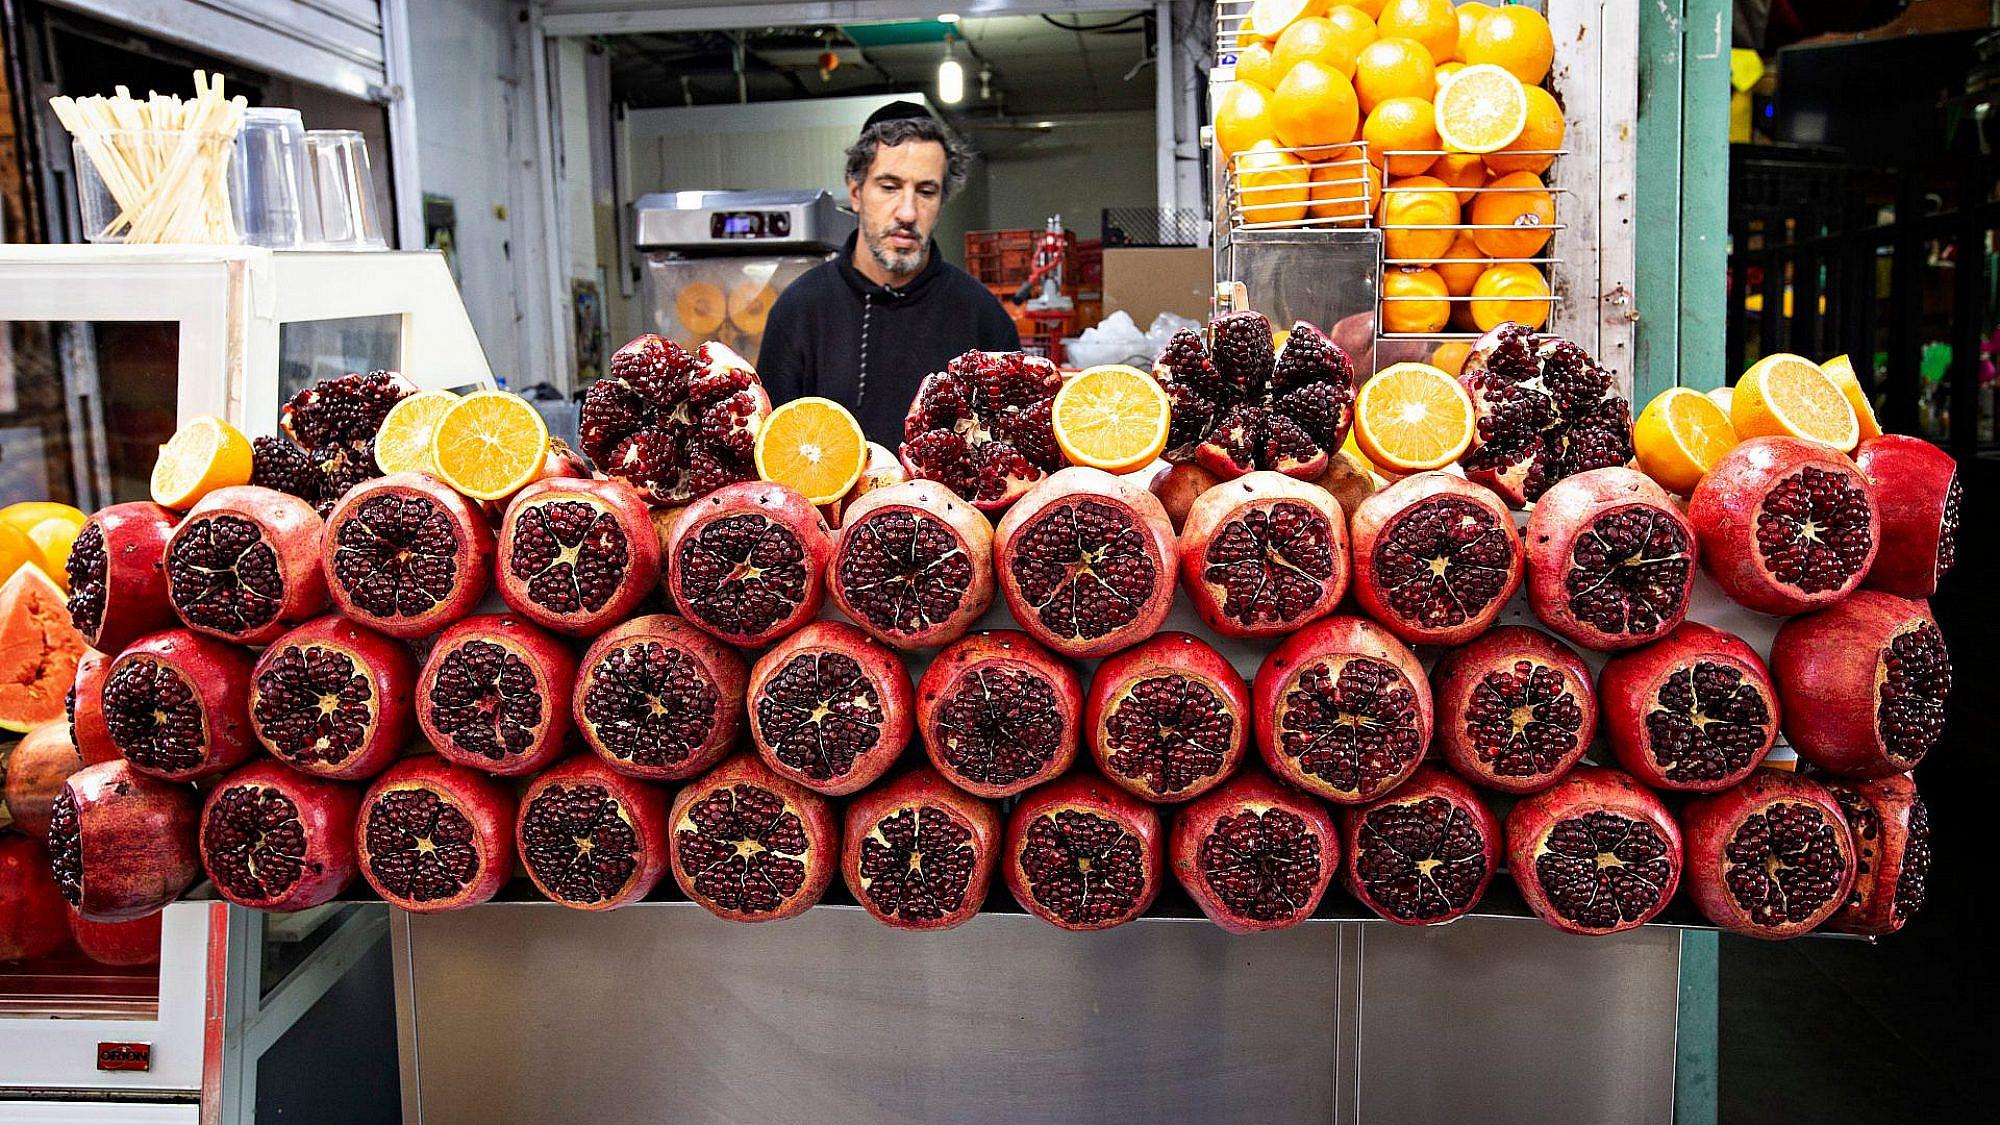 השנה ימלאו טענותיכם כרימון. שוק הכרמל (צילום: שאטרסטוק)